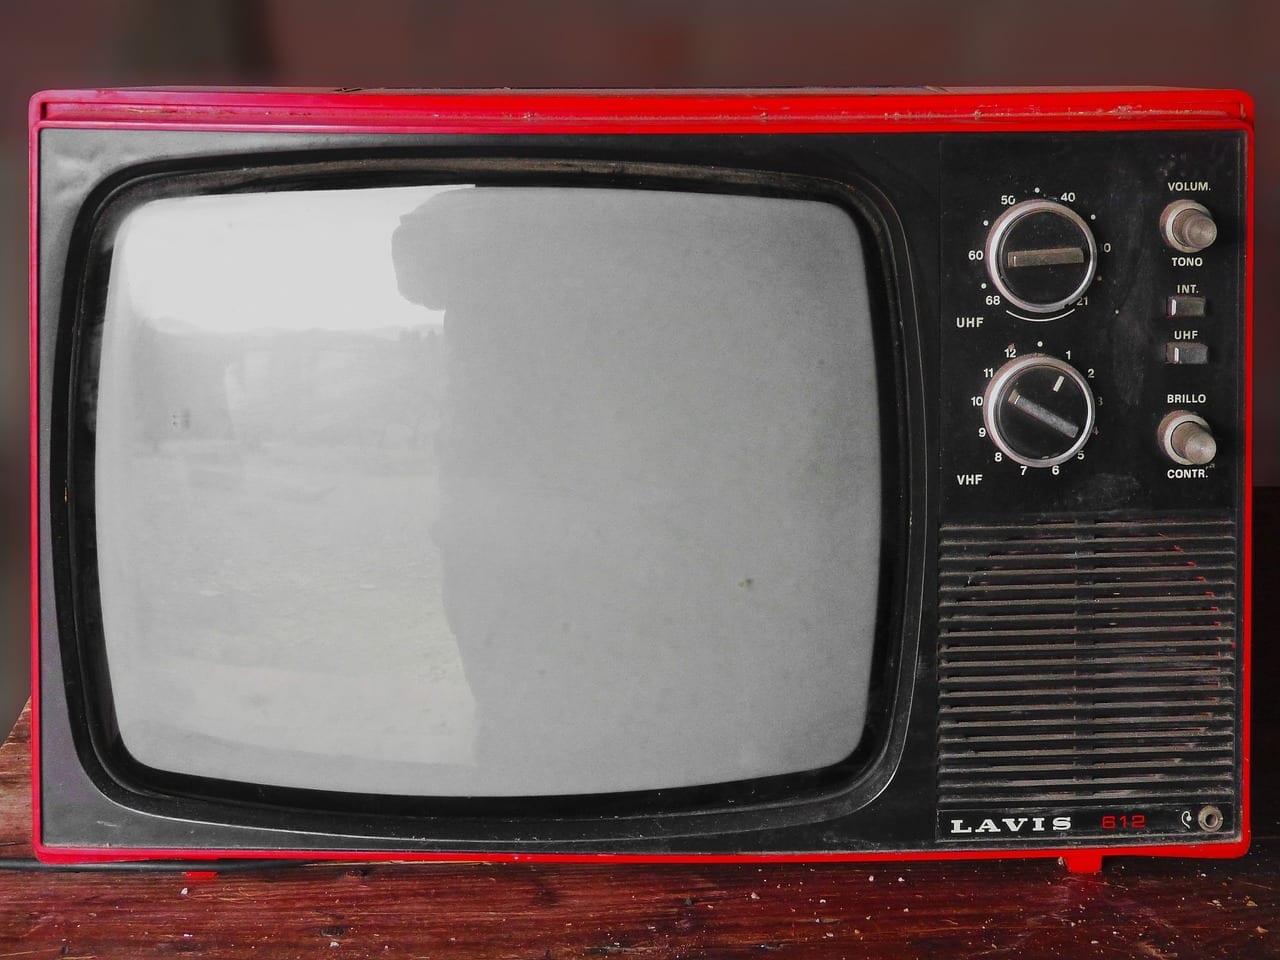 ,תמונה של טלויזיה ישנה